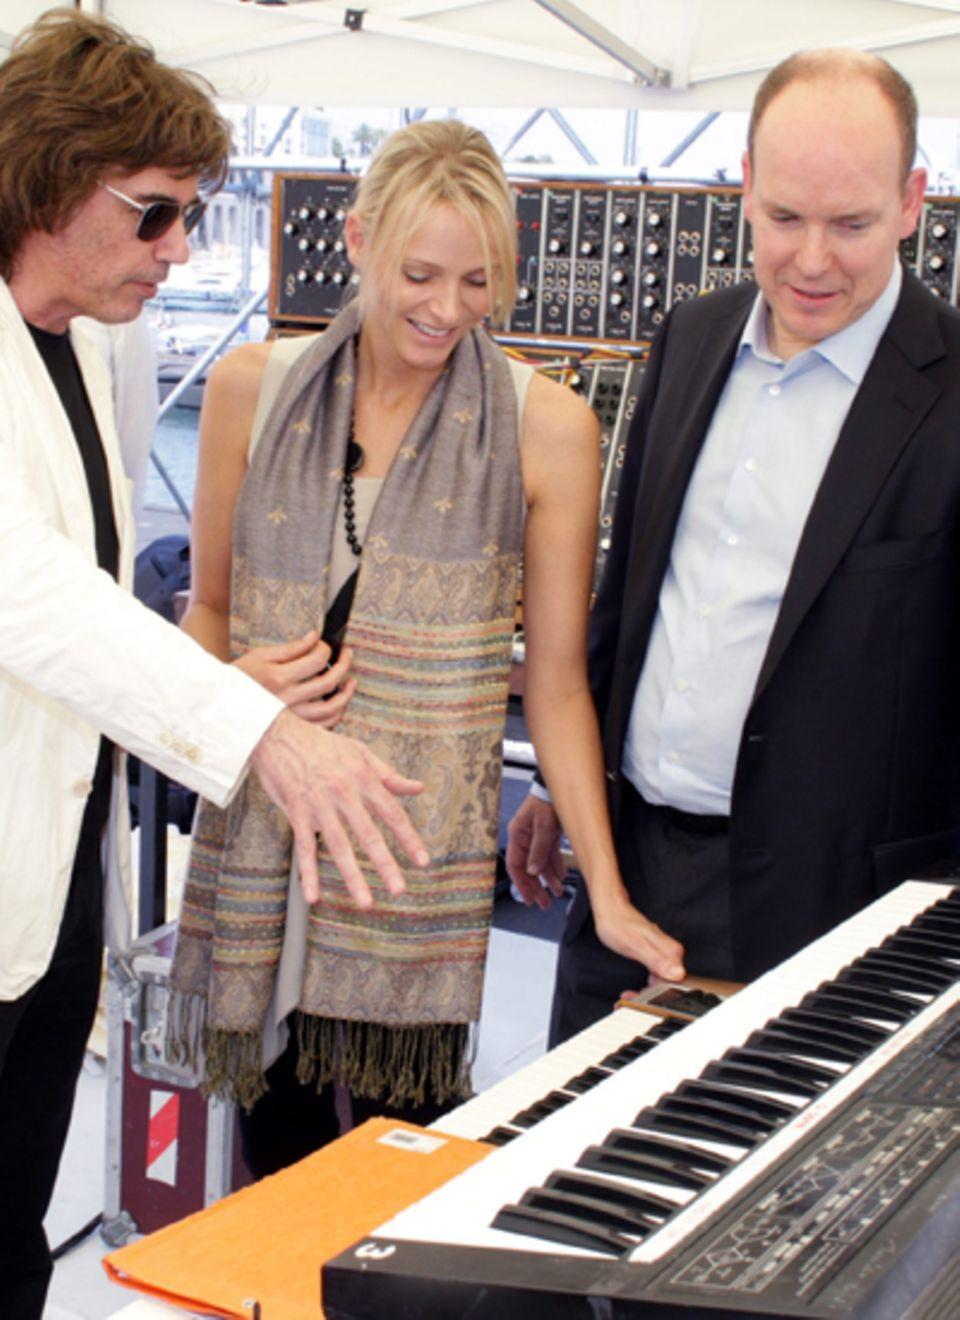 Musiker Jean Michel Jarre spricht mit Charlene Wittstock und Fürst Albert II. über das Hochzeitskonzert.